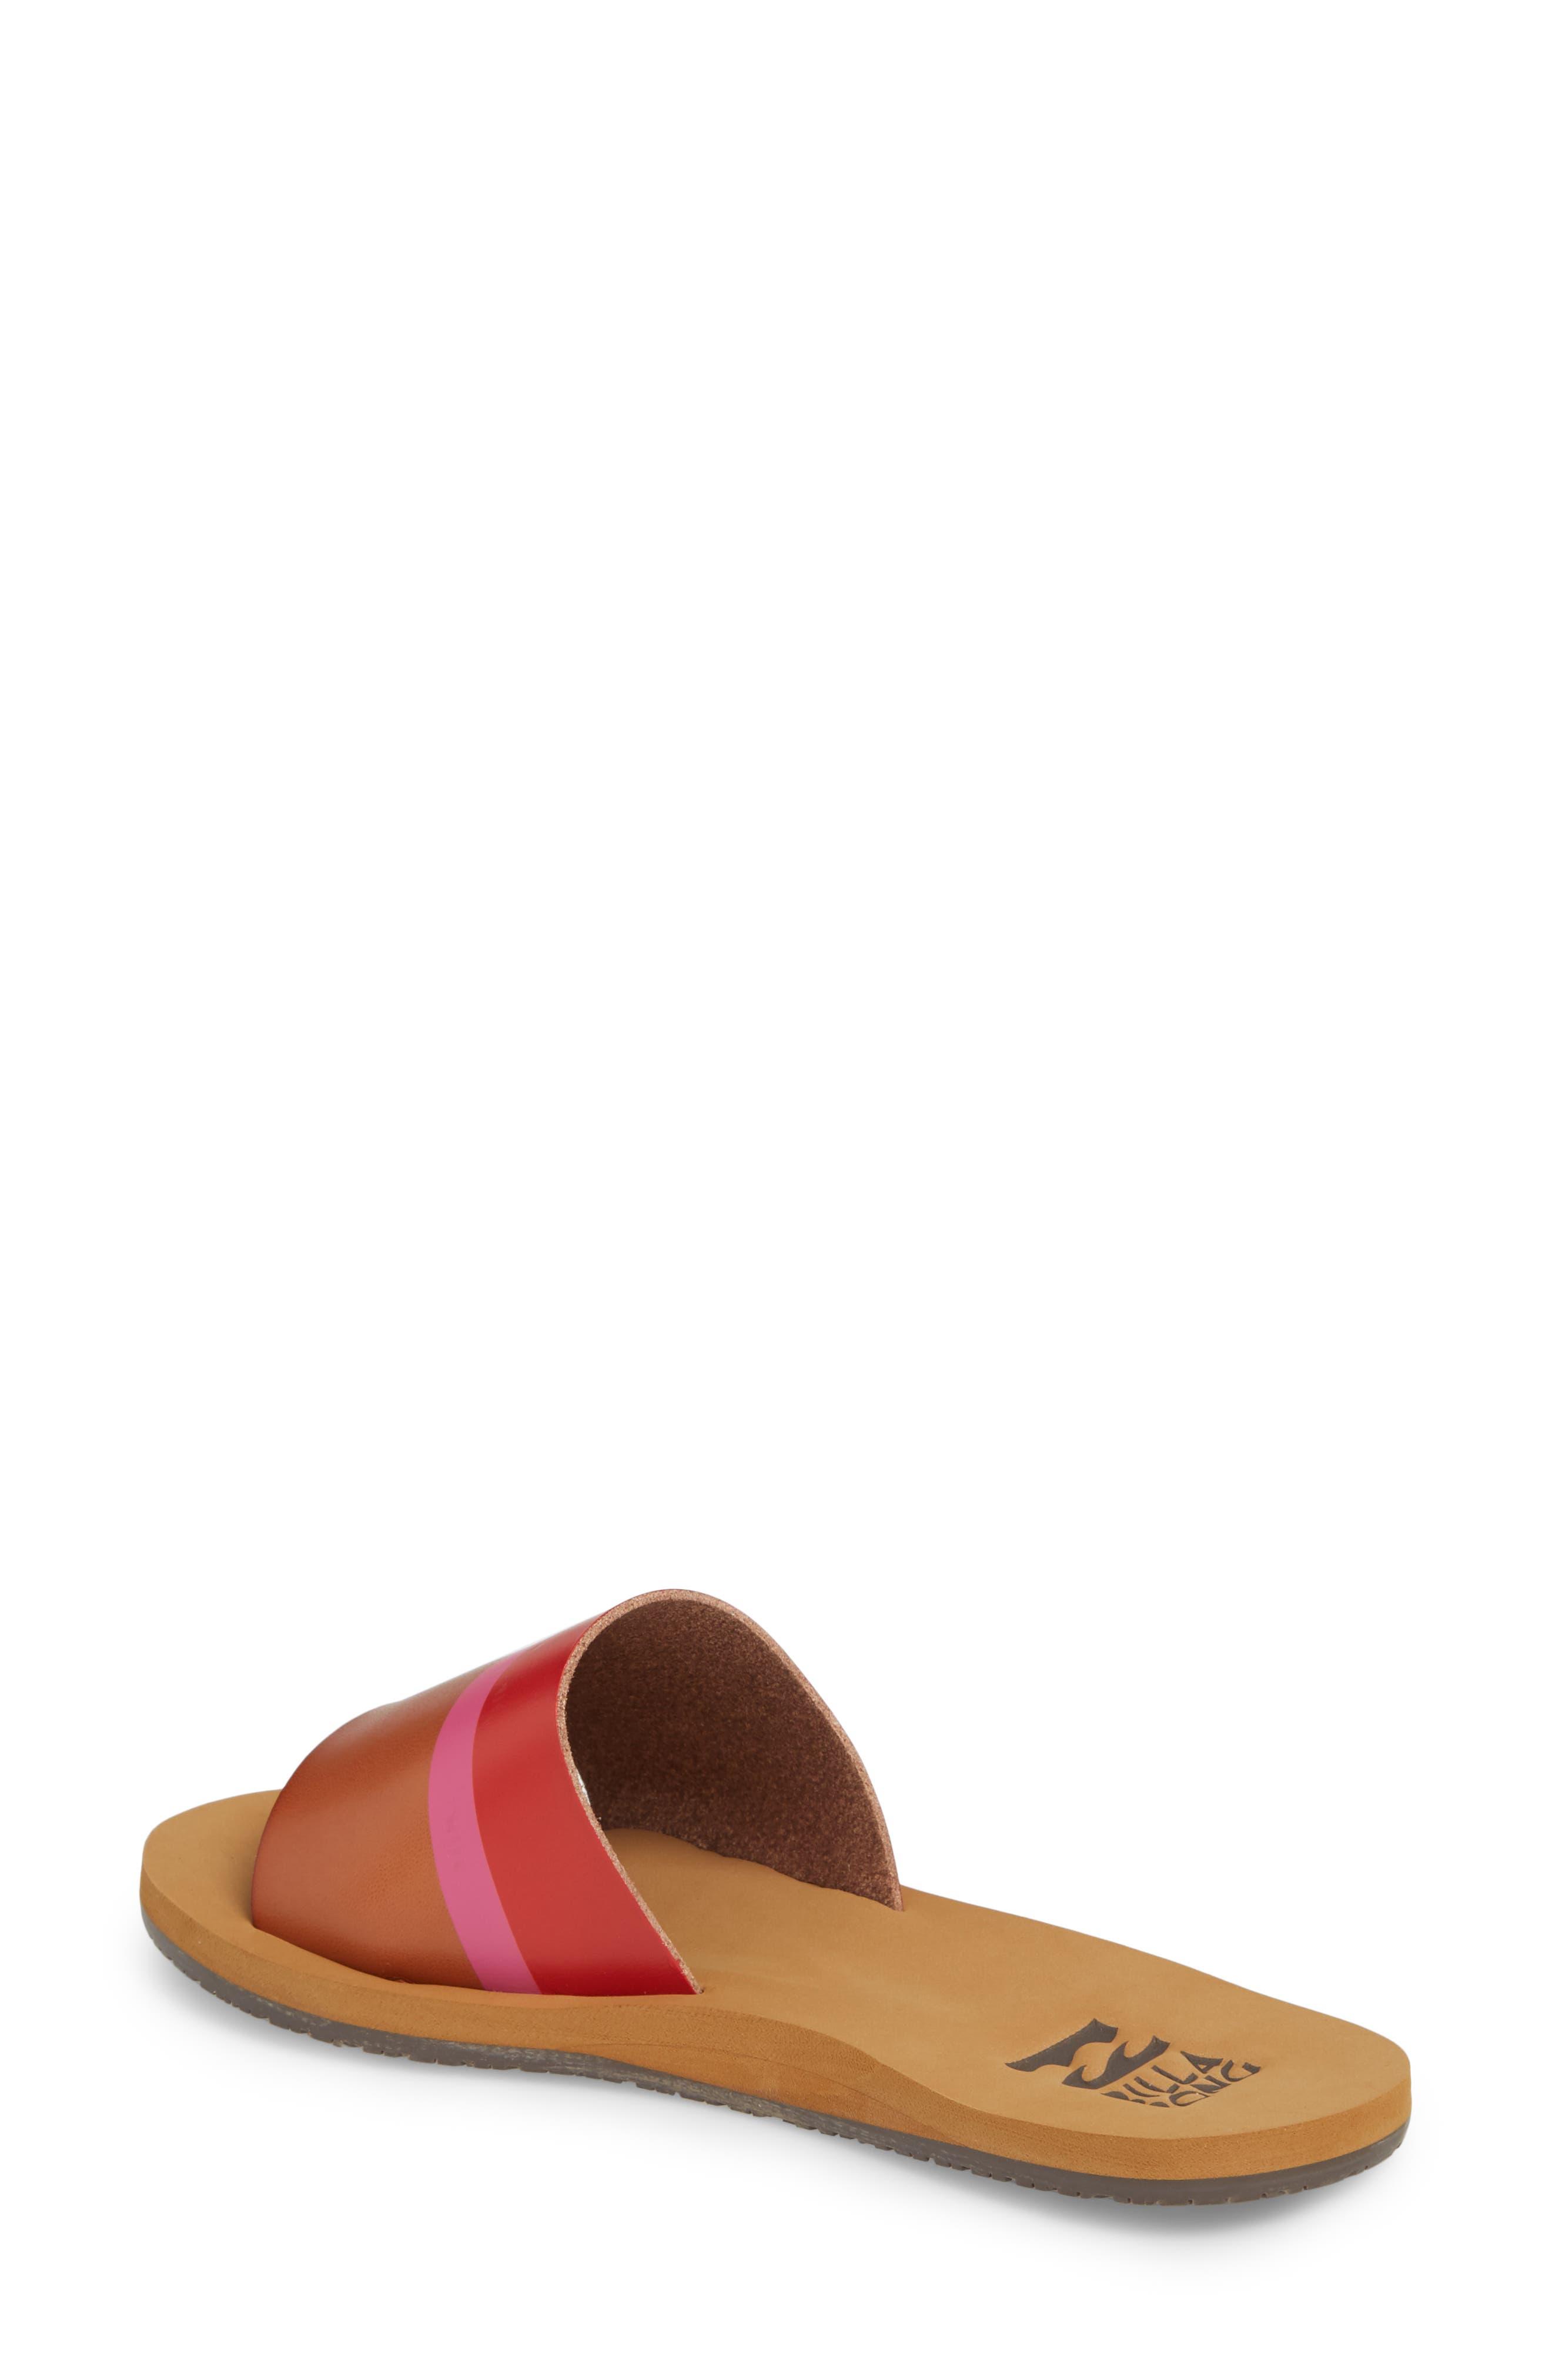 Slide Sandal,                             Alternate thumbnail 2, color,                             Multi